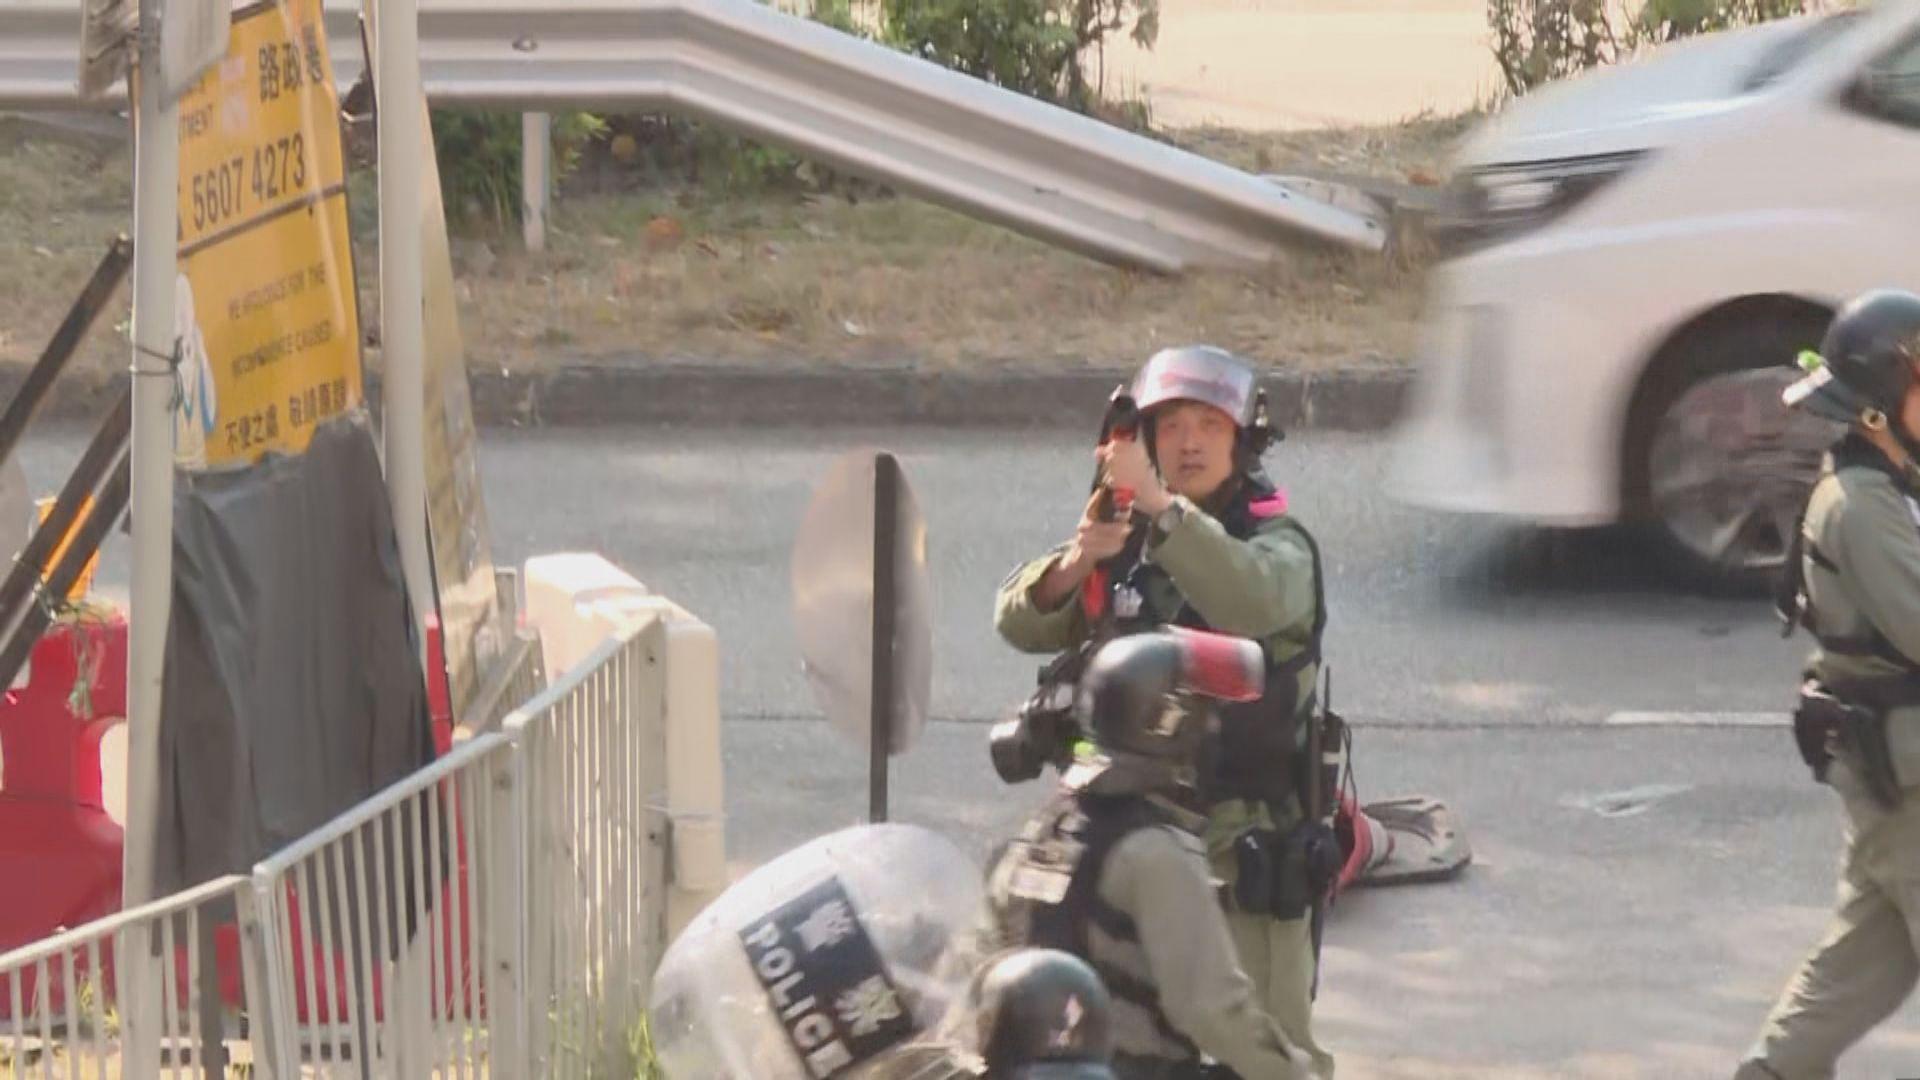 屯門有人集結和堵路 警員一度舉槍指向市民